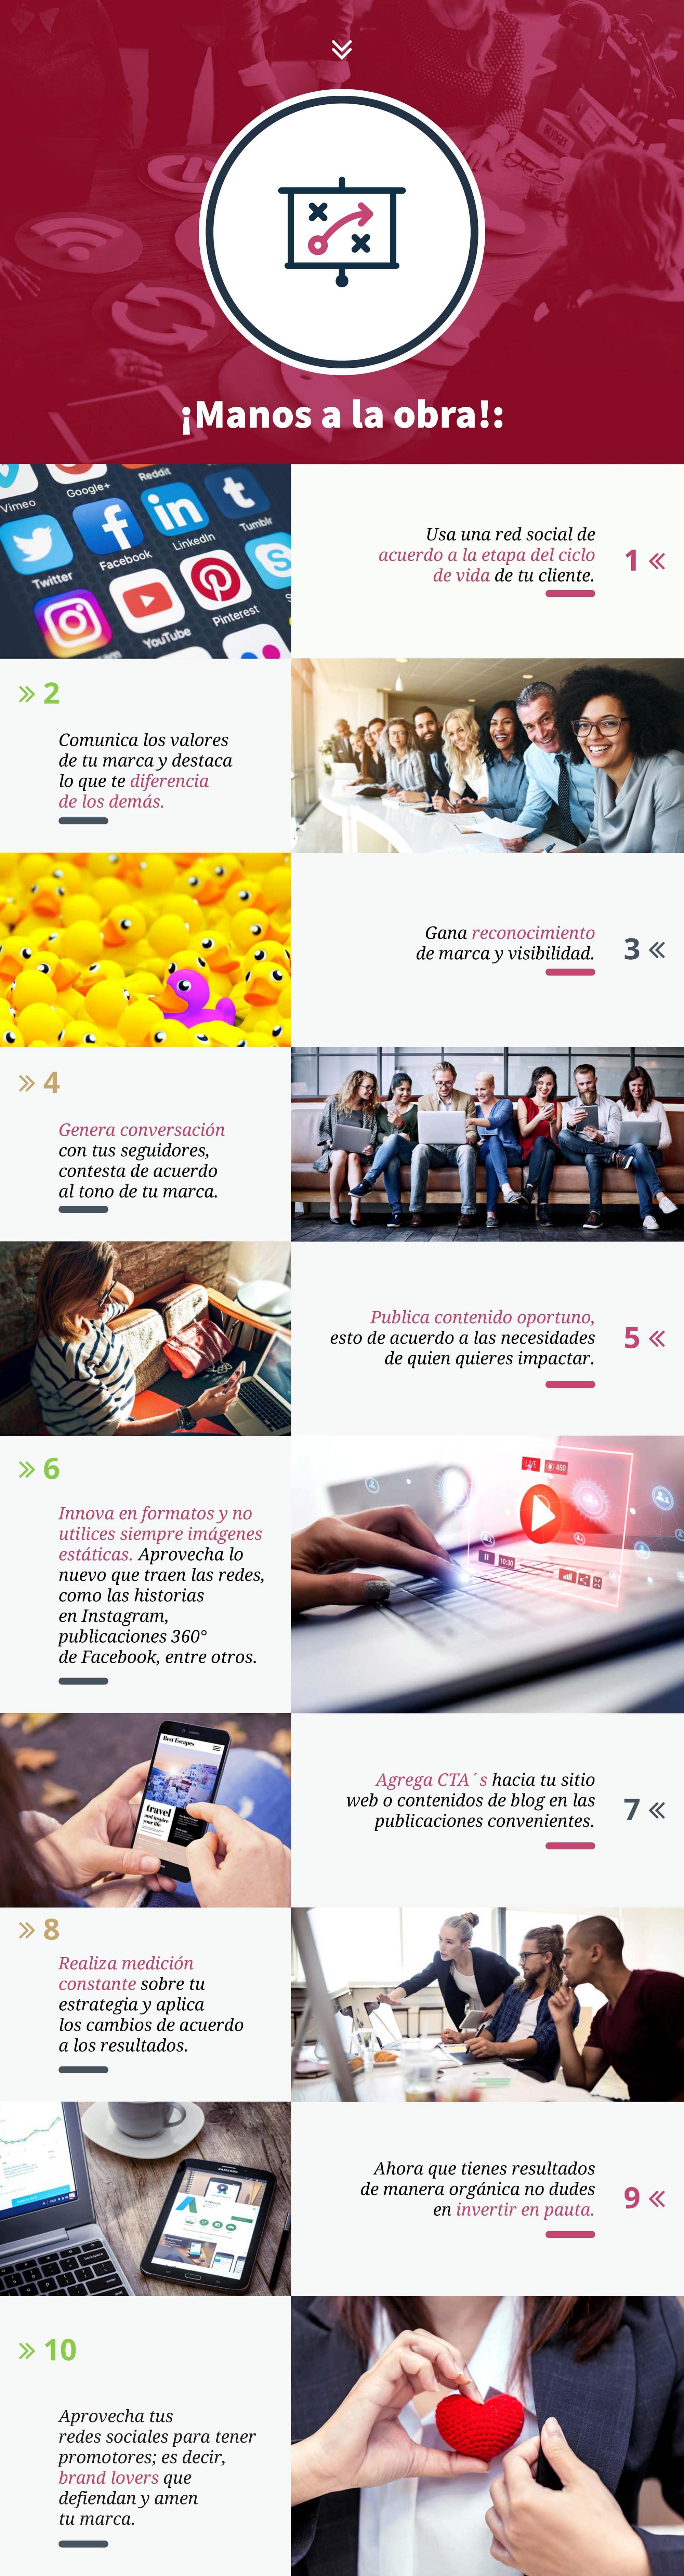 10-tacticas-convertir-seguidores-en-clientes-min